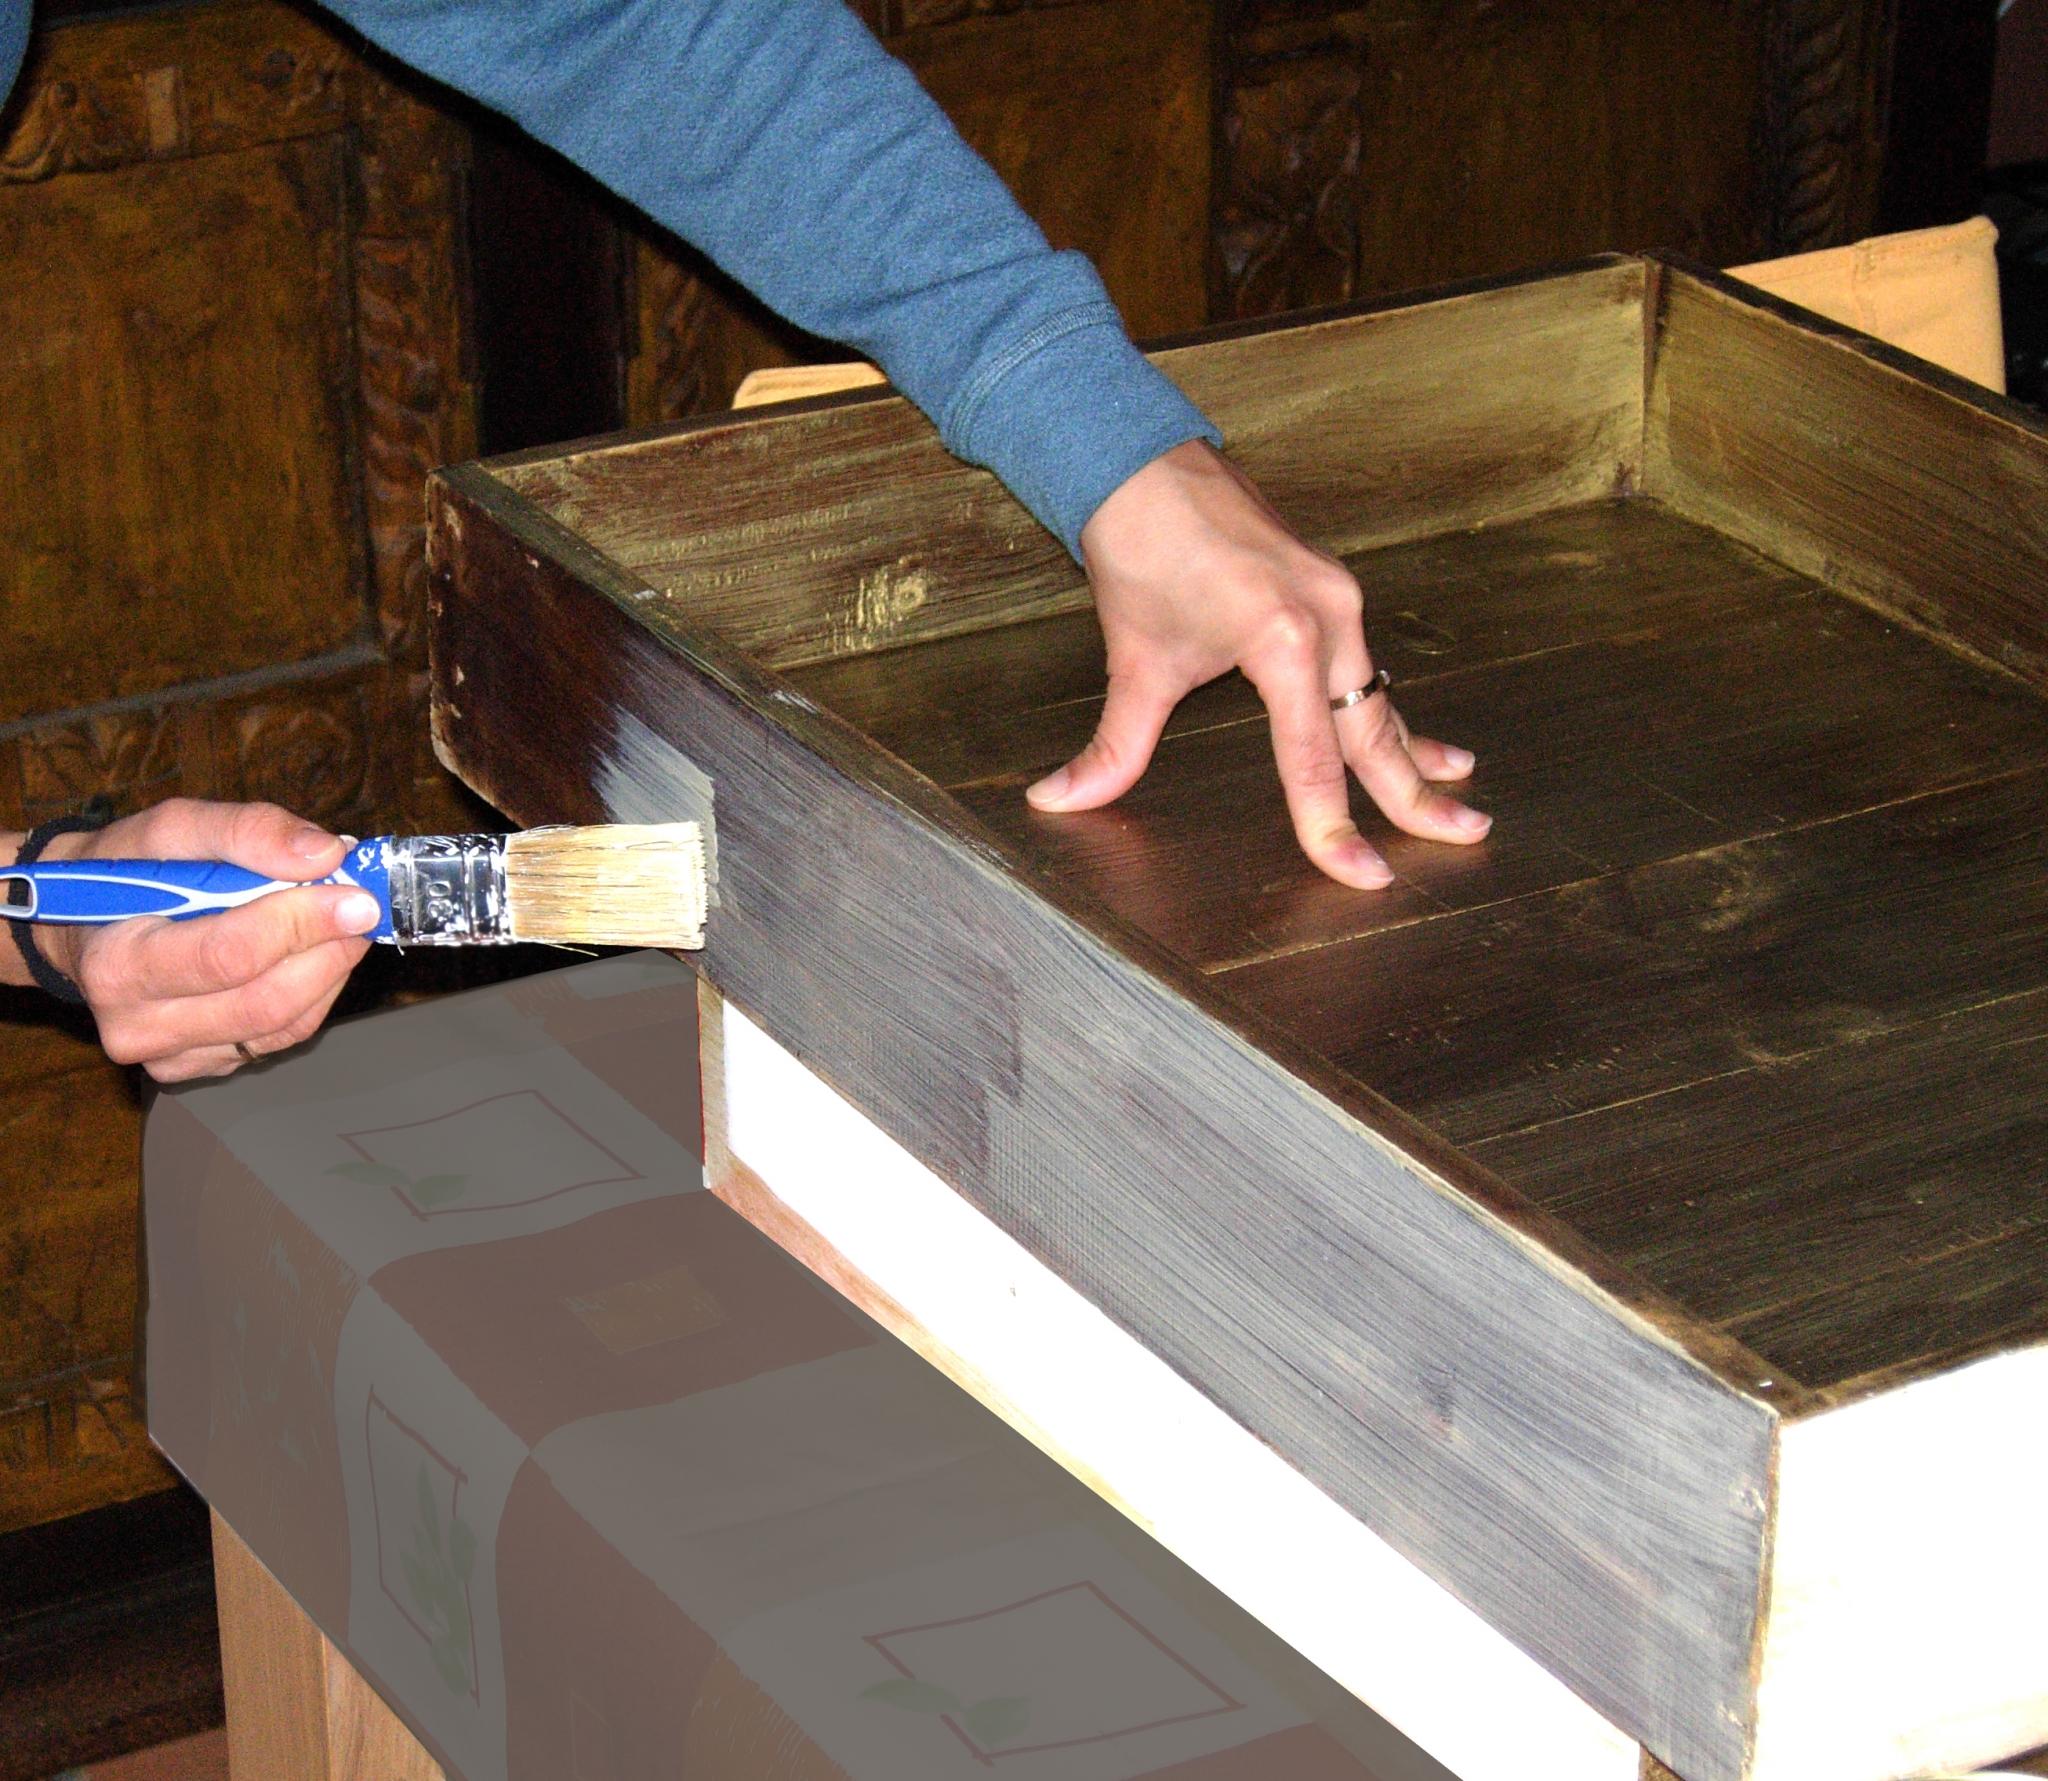 Como Pintar Un Mueble De Madera Acabado Metalico # Como Secar Muebles Mojados